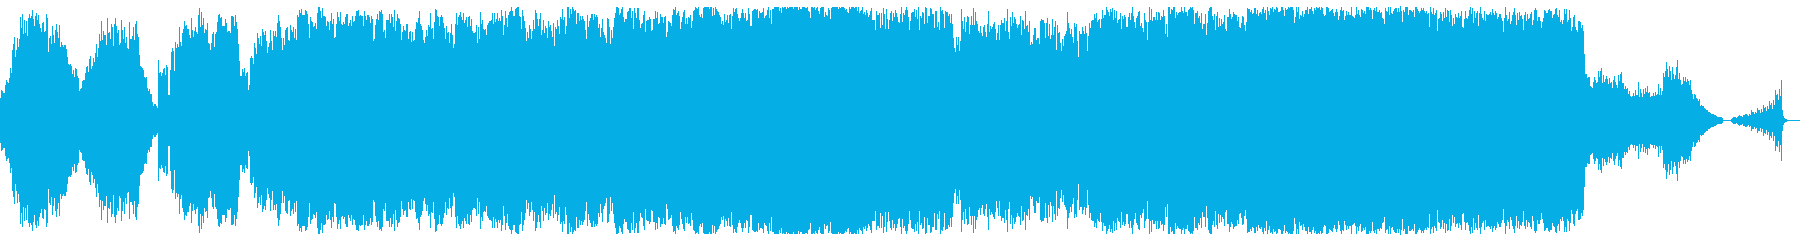 悲しいメロディーのBGMの再生済みの波形